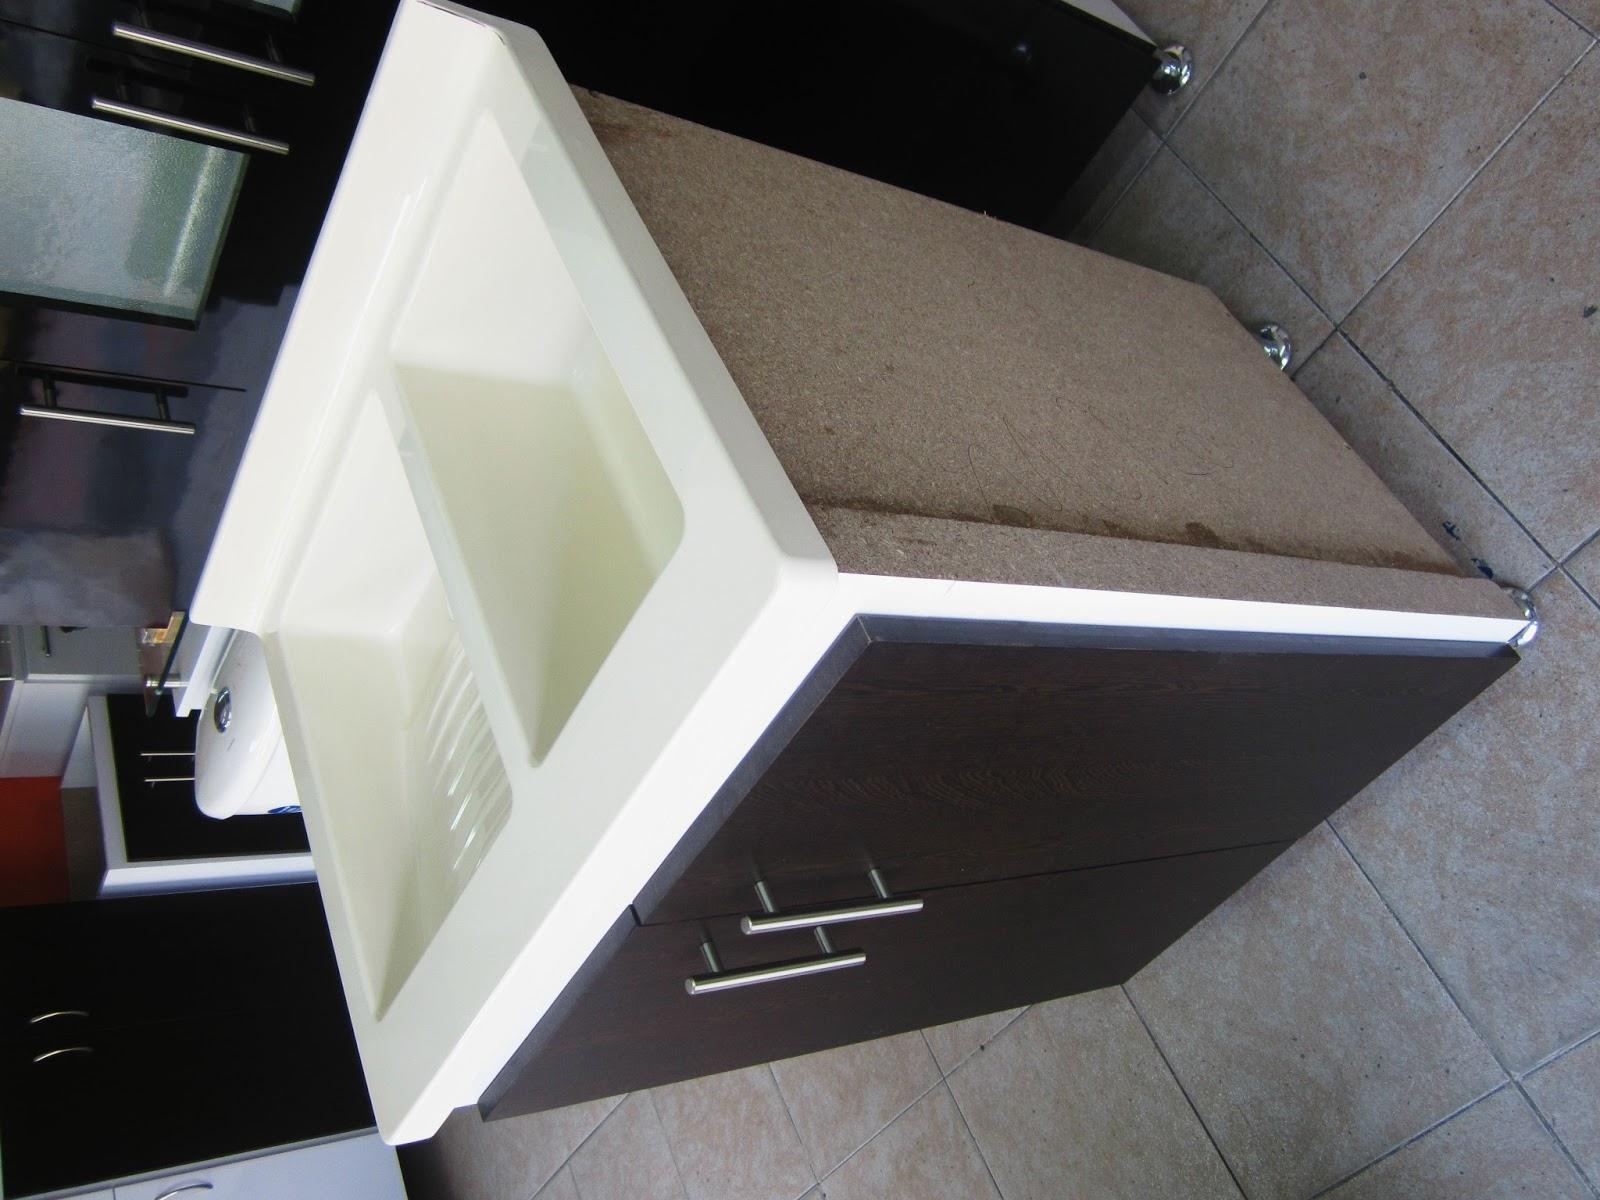 Muebles Para Baño En Fibra De Vidriomuebles para baño y cocina en